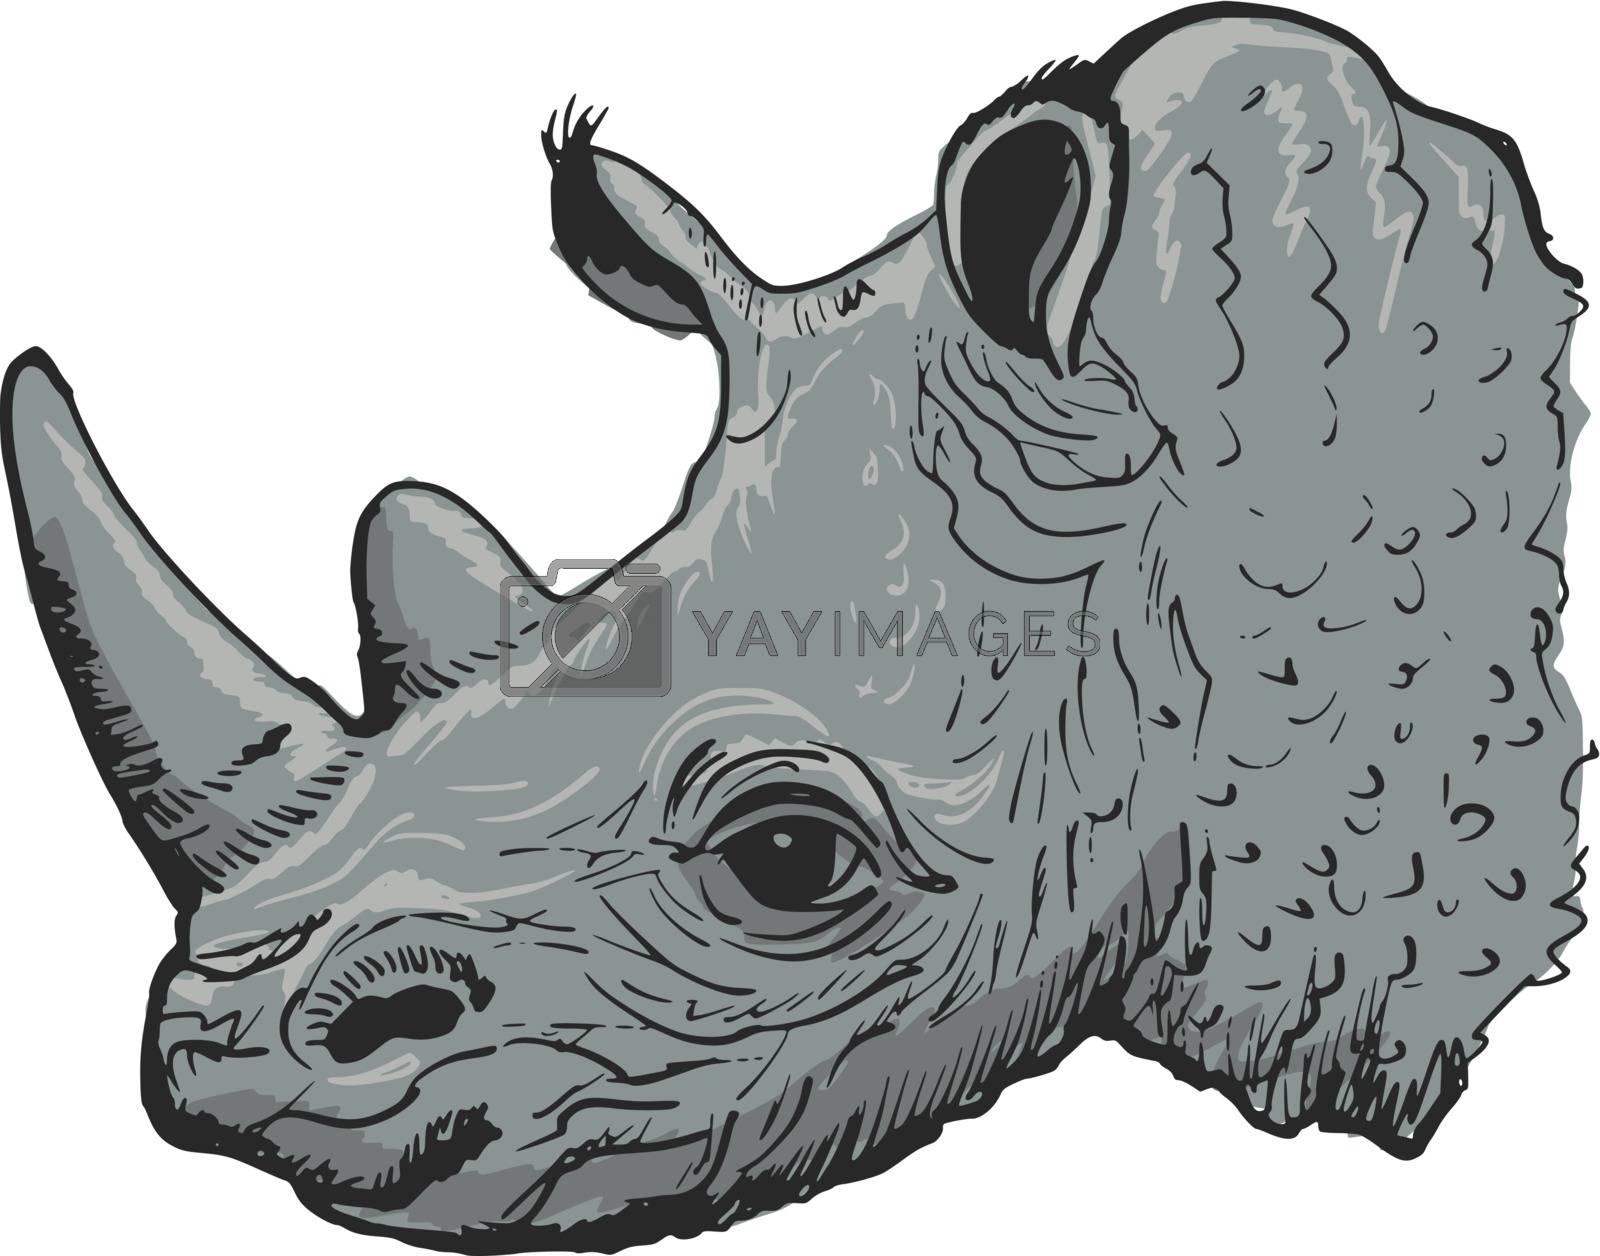 hand drawn, sketch, cartoon illustration of rhinoceros